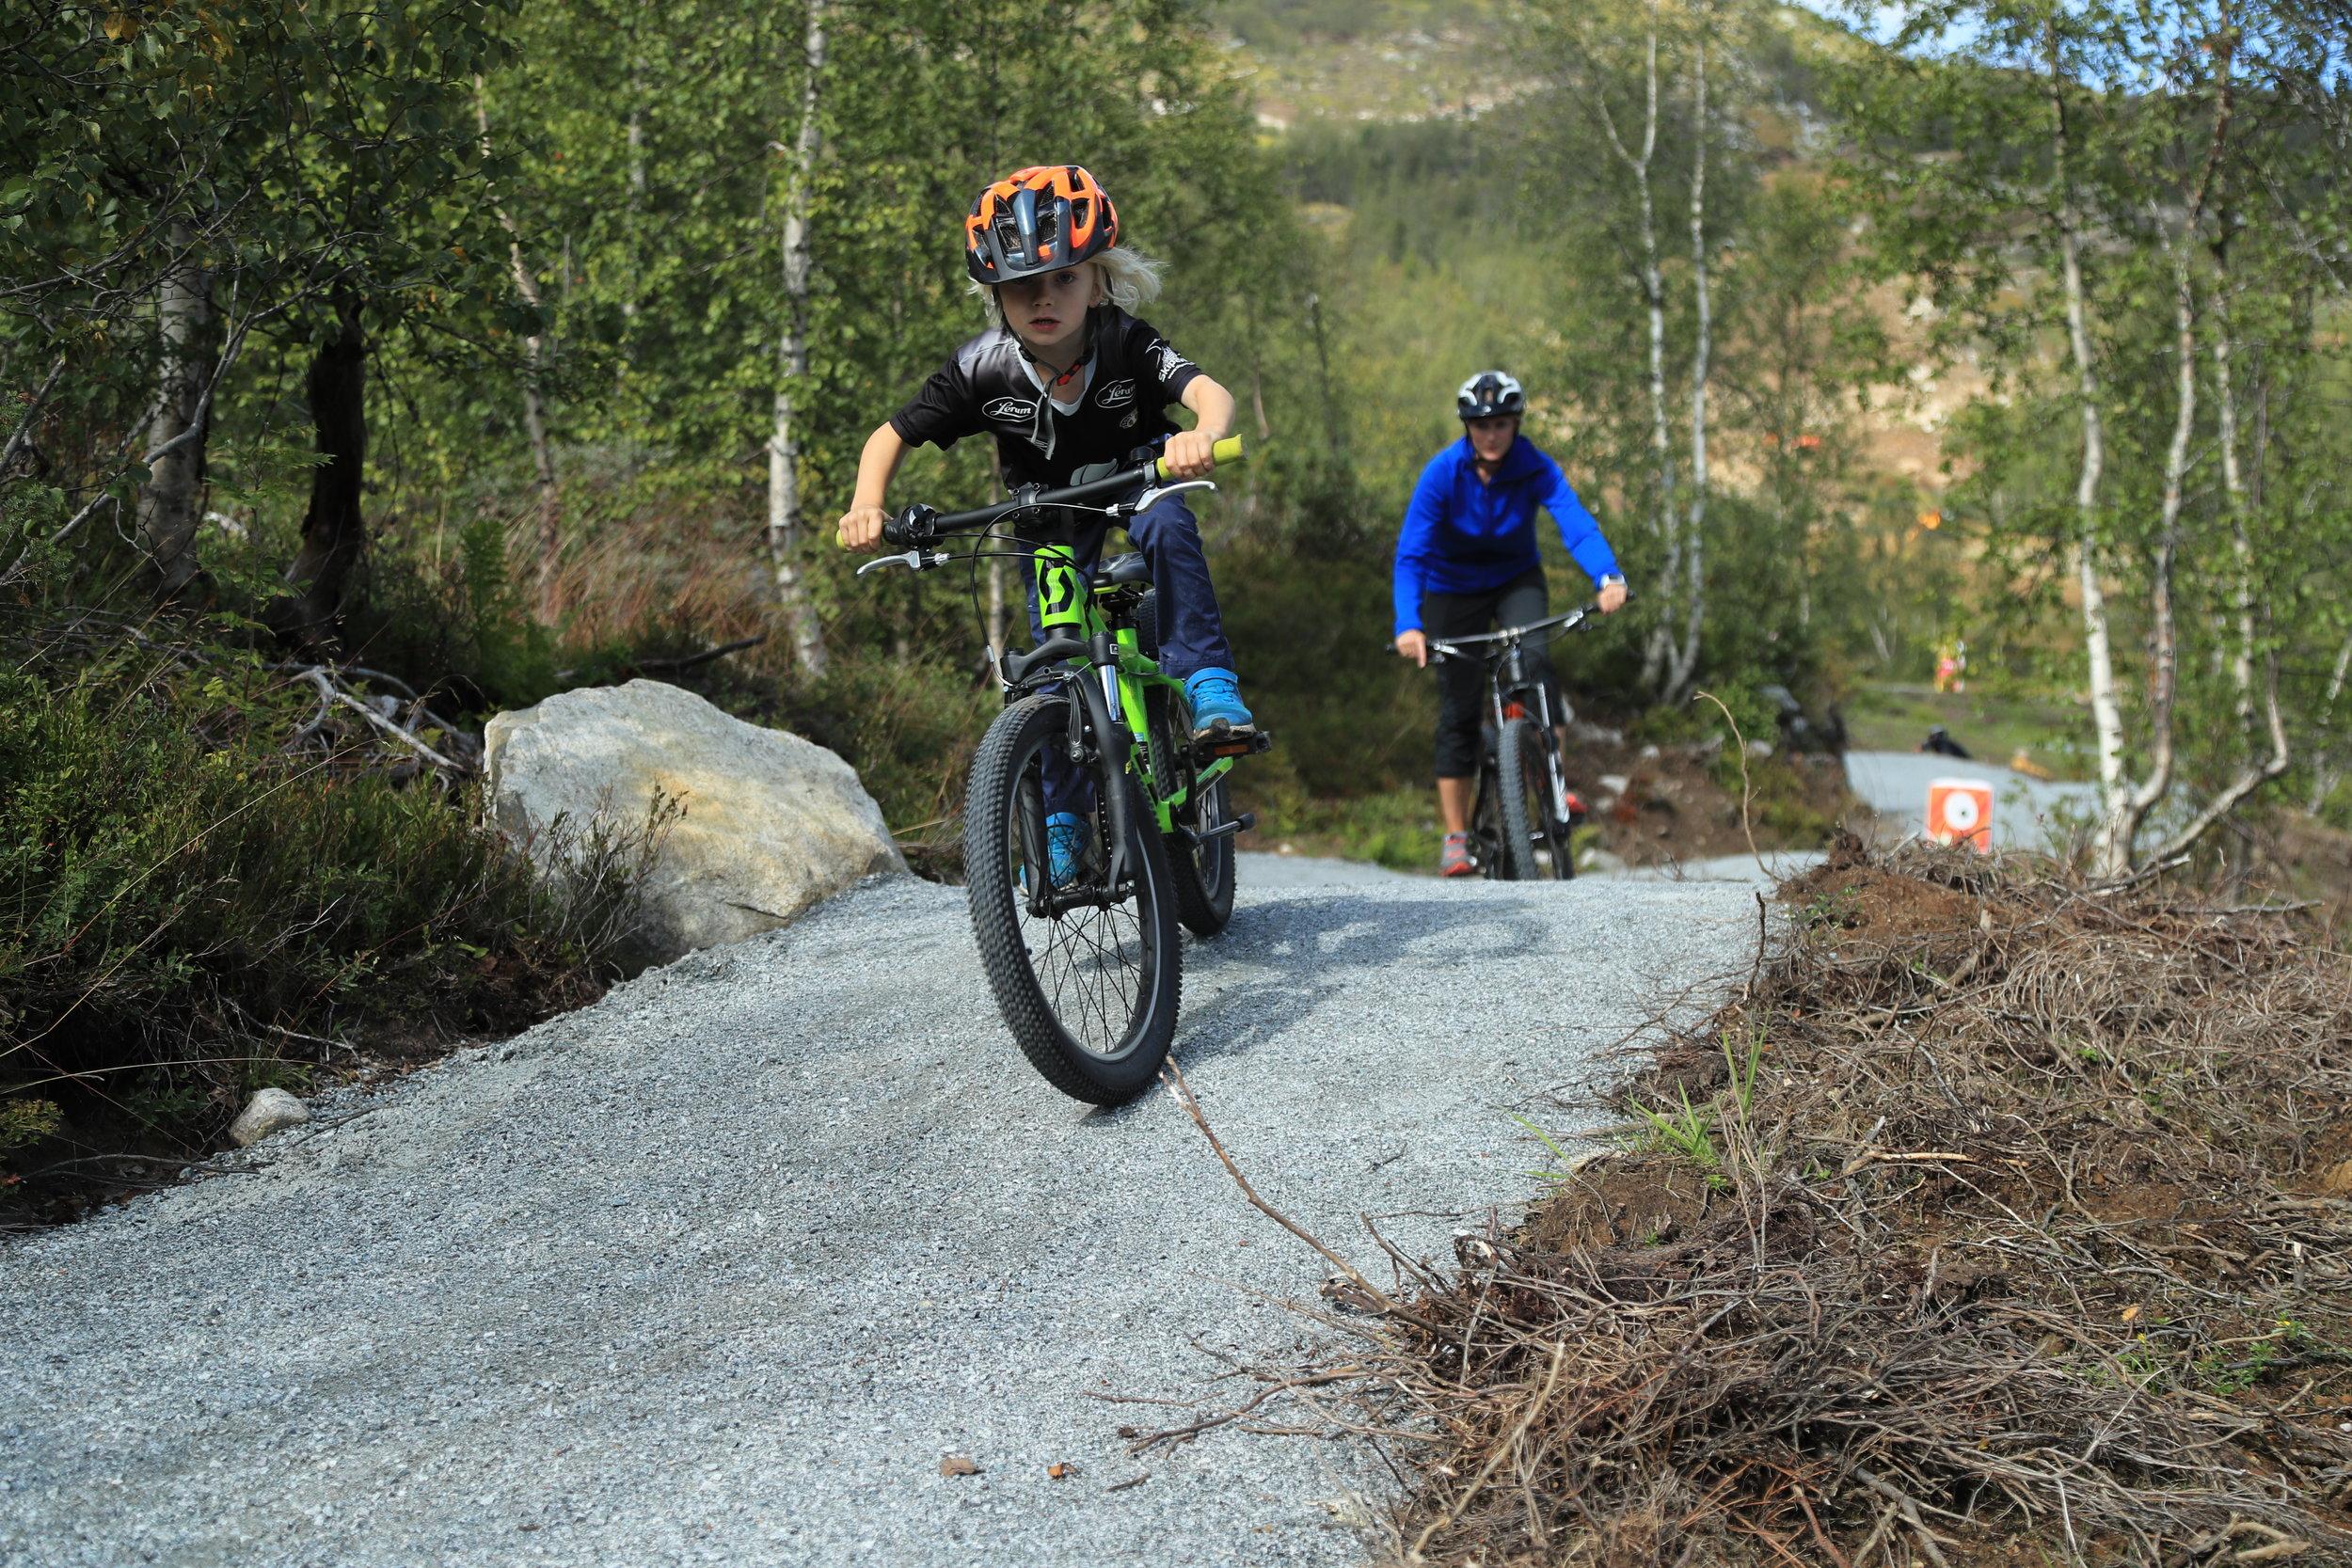 Bli ein god syklist i trygge omgjevnader. Den nye løypa er tilrettelagt for born i alle aldrar